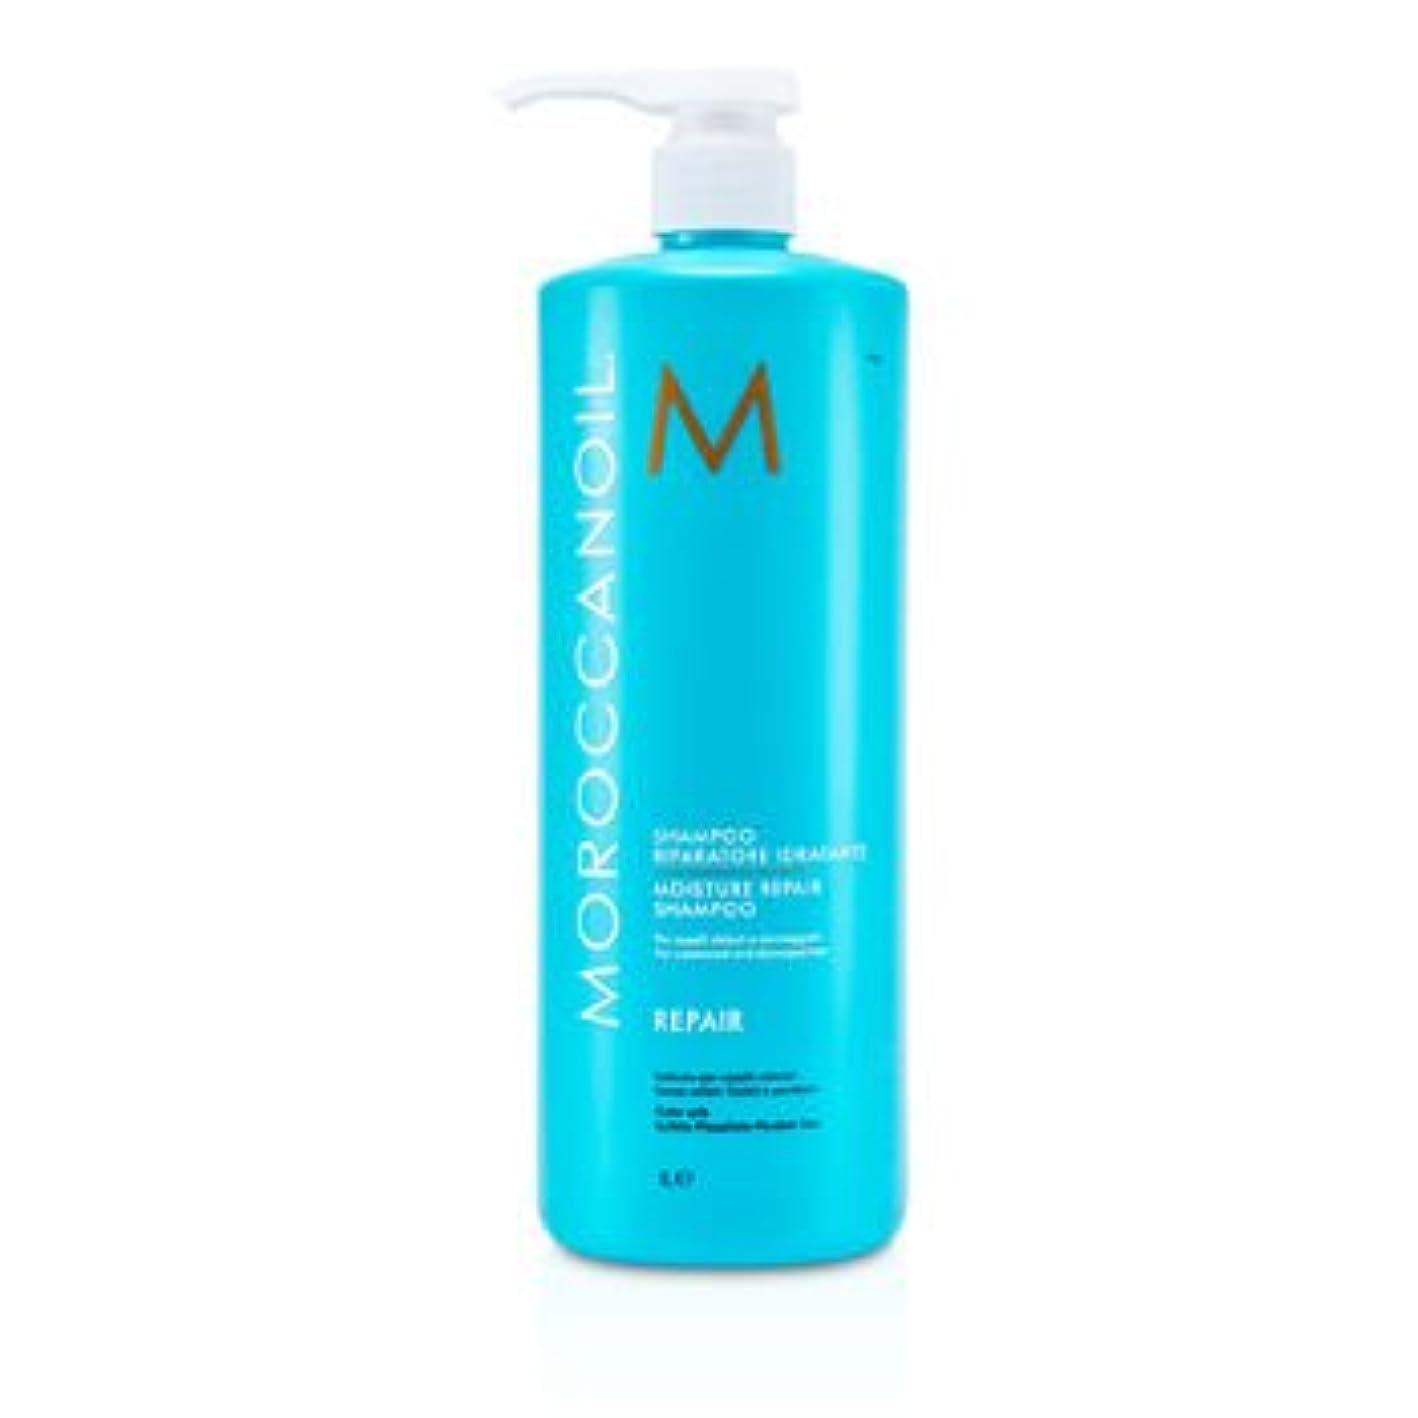 マナー乳白ダブルモロッカンオイル モイスチャーリペアシャンプー (カラー/ケミカリーダメージドヘア) 1000ml/33.8oz並行輸入品